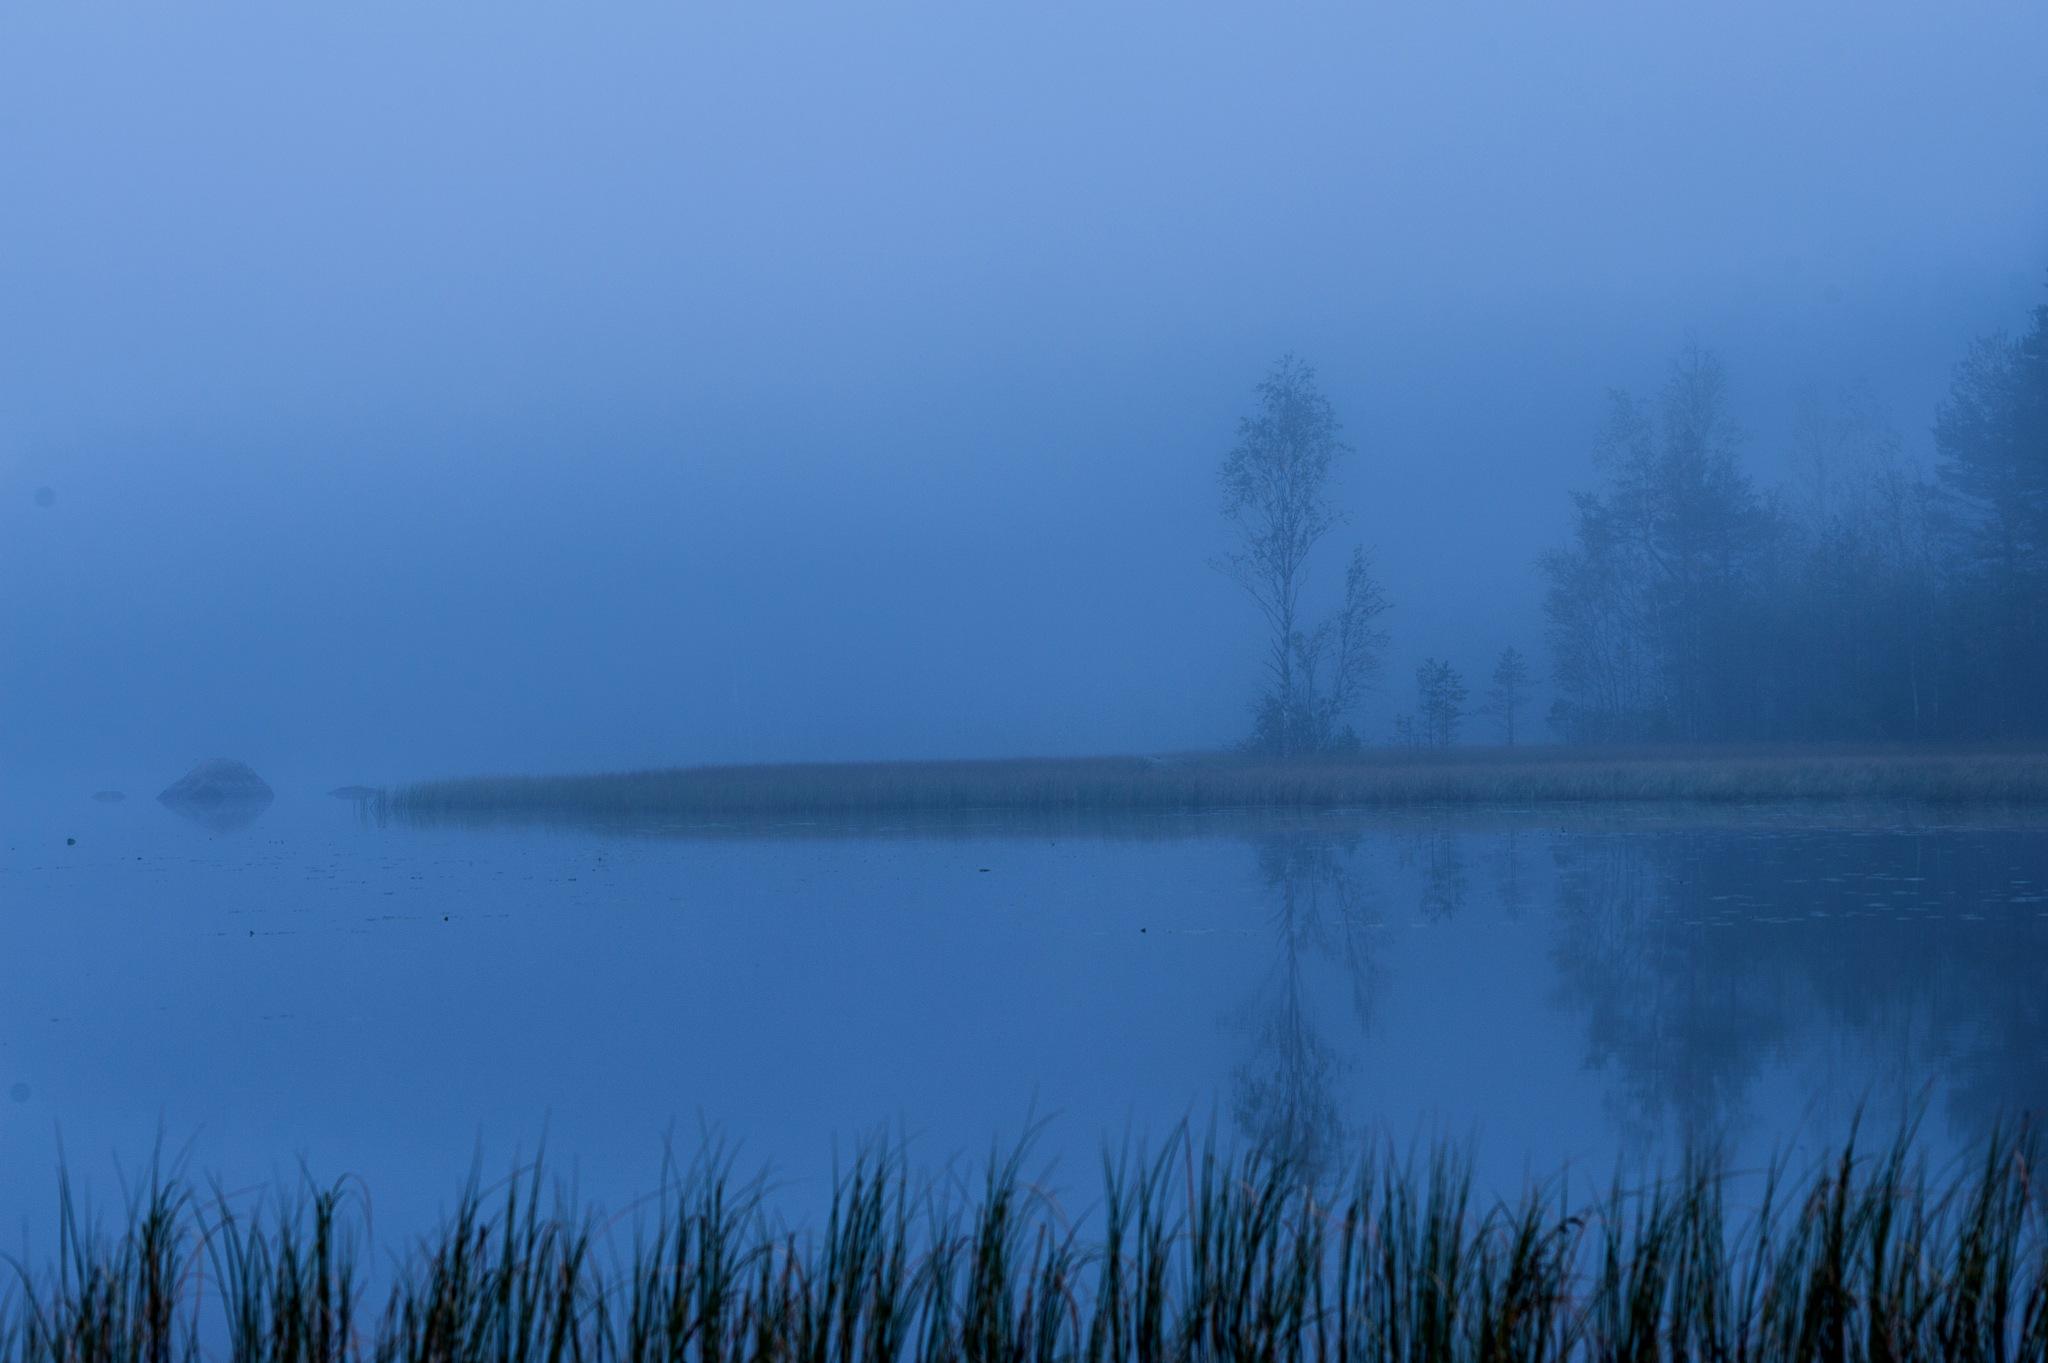 Morning - Aamu by Pauliina Kuikka